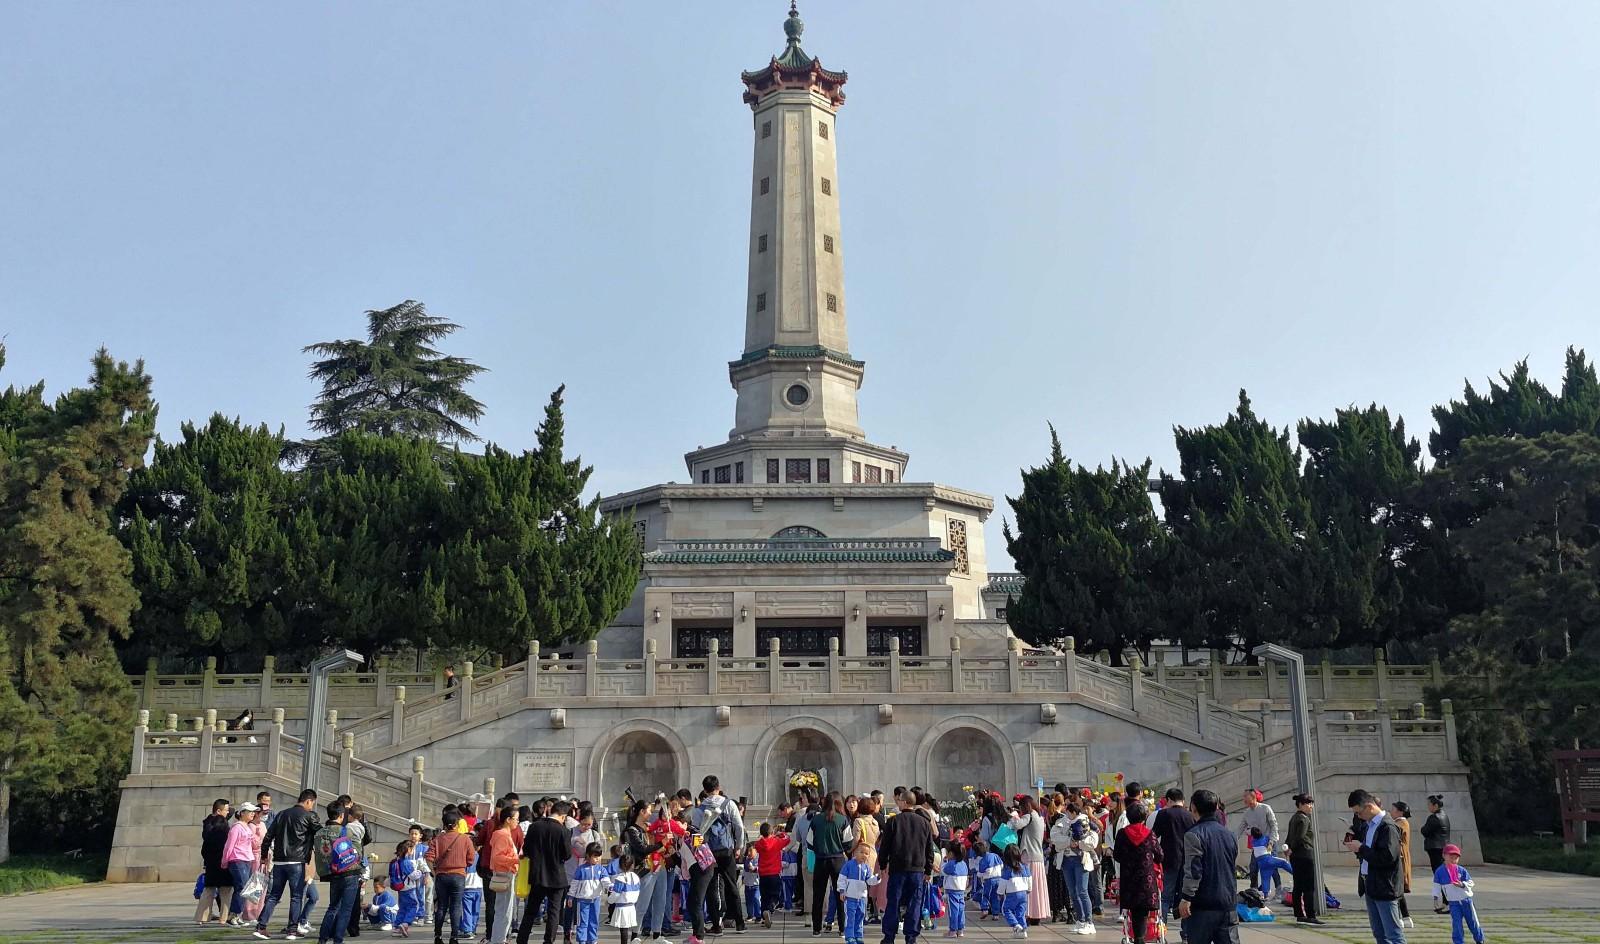 作为红色爱国主义教育基地,湖南烈士公园纪念塔每年接待前来缅怀参观的各地游客100多万人次。长沙晚报全媒体记者周柏平摄